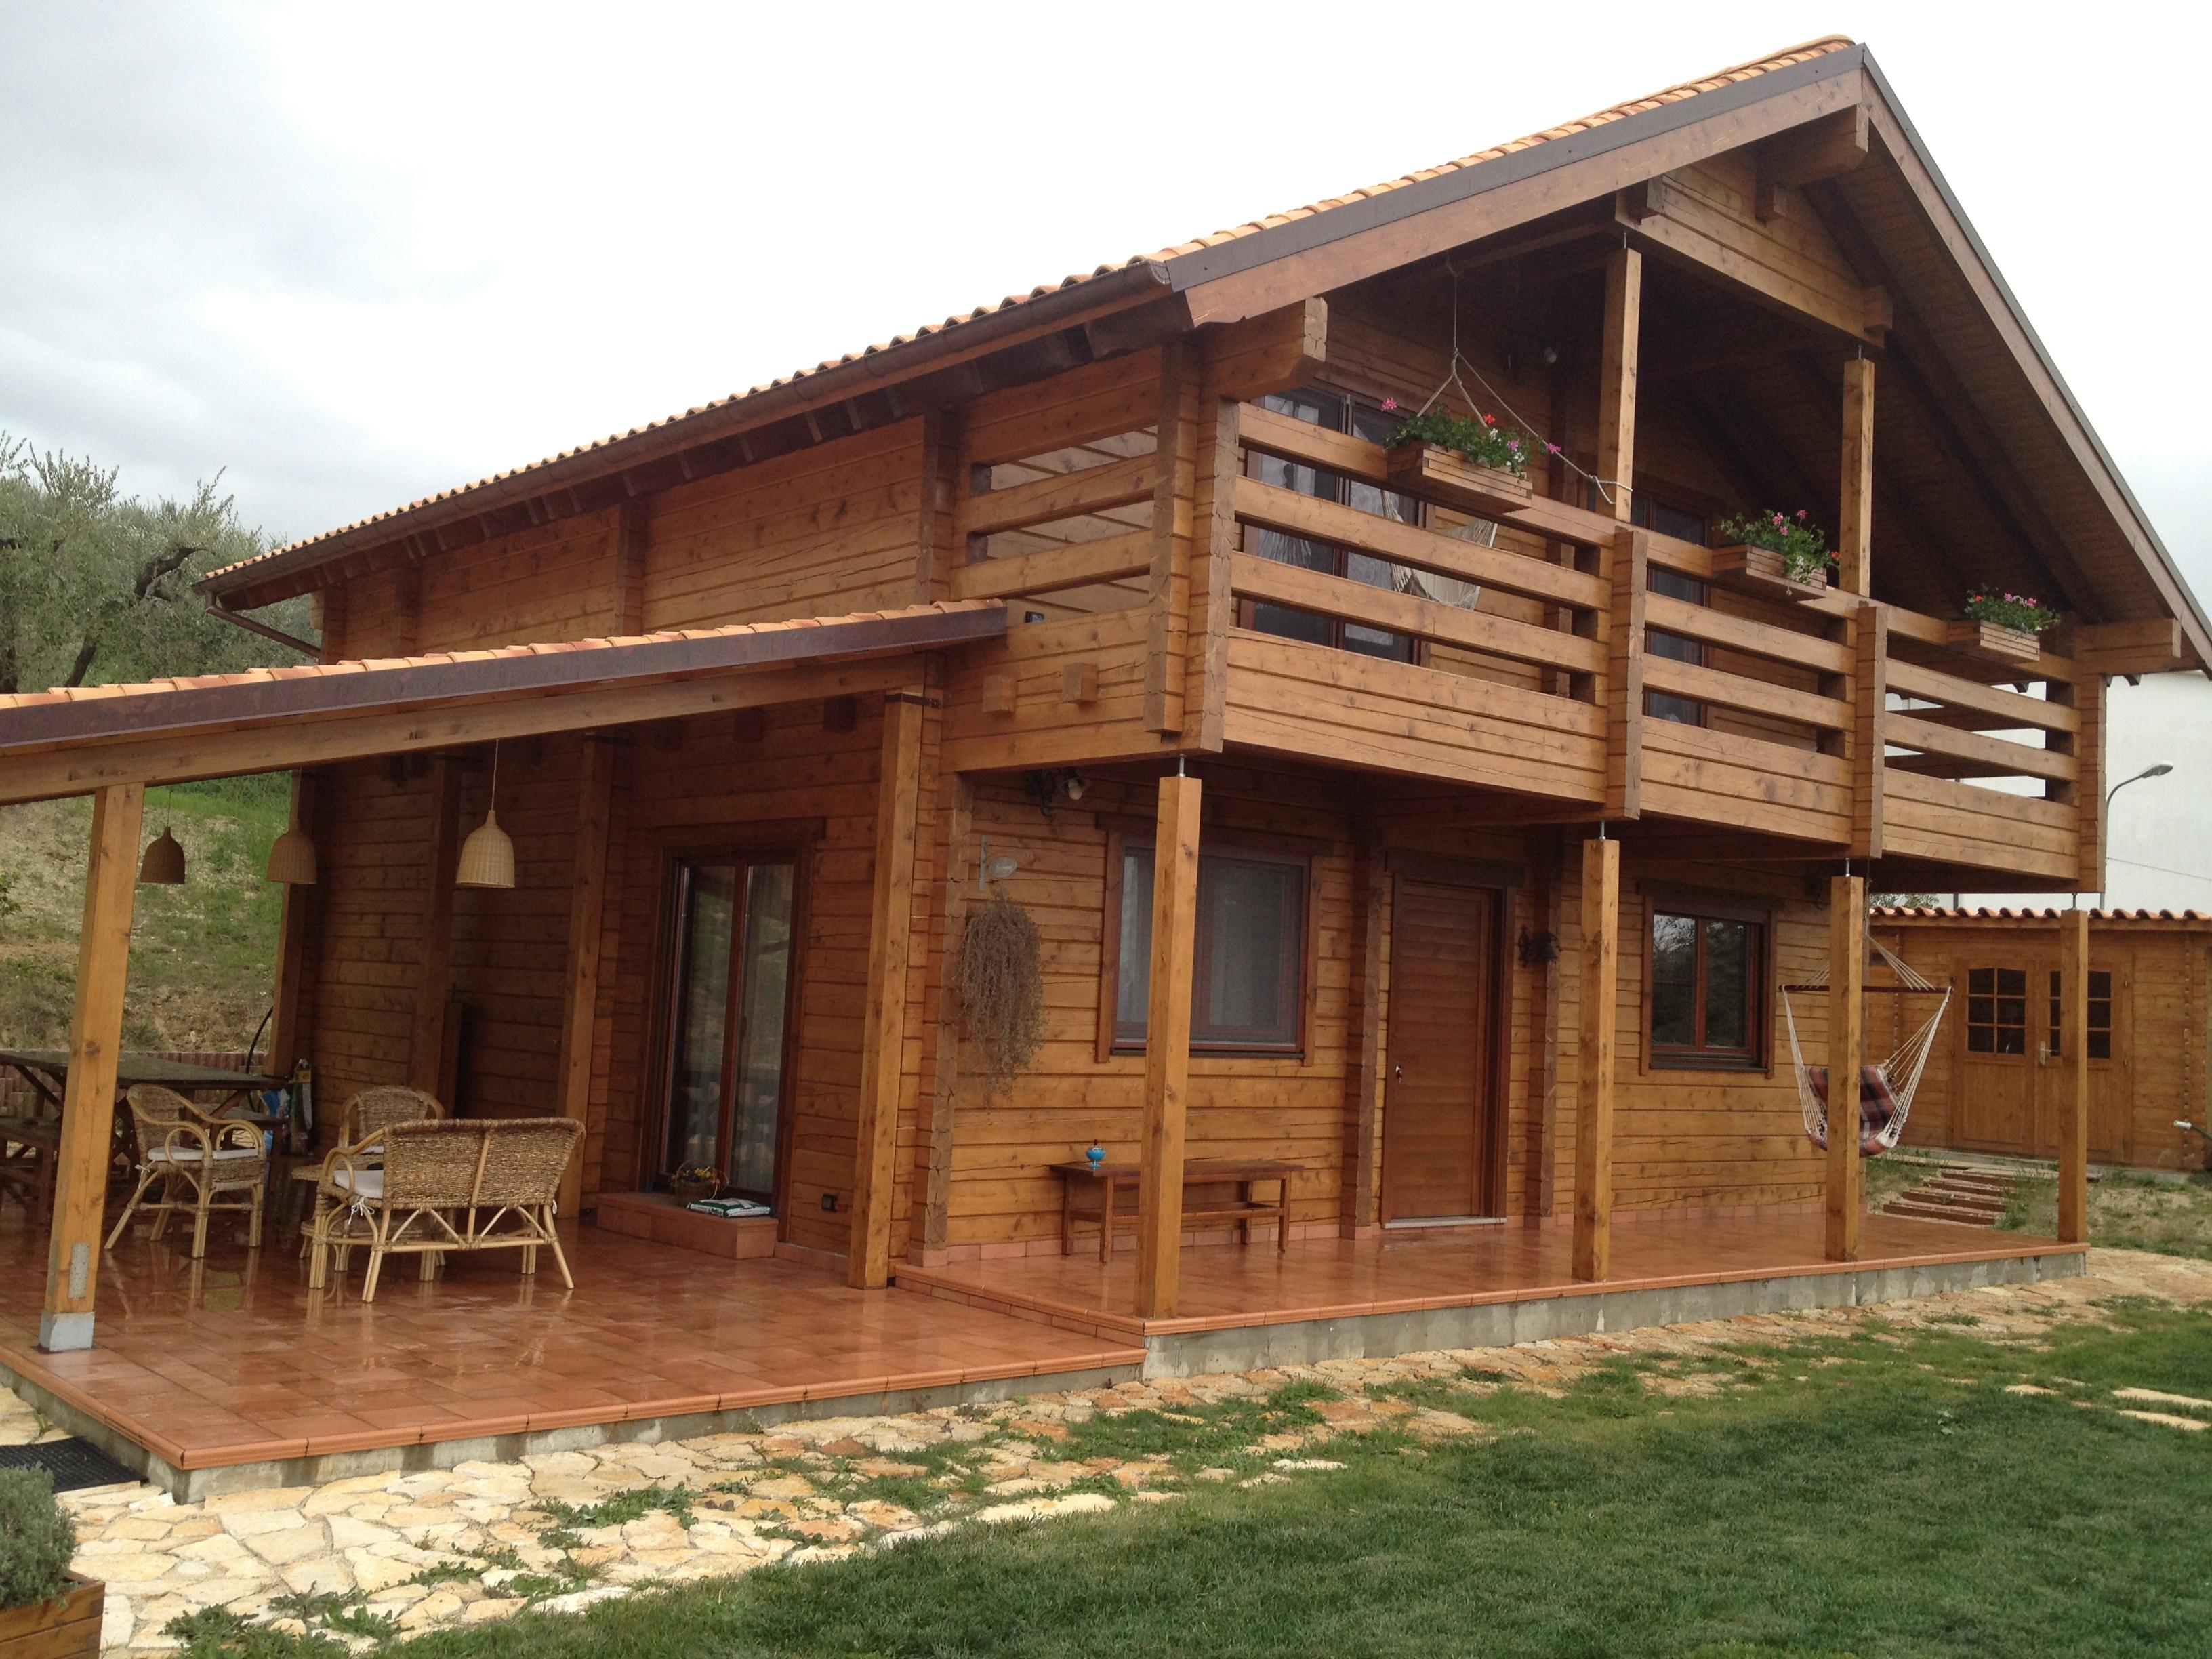 Casa in legno, quanto si aiuta l'ambiente?